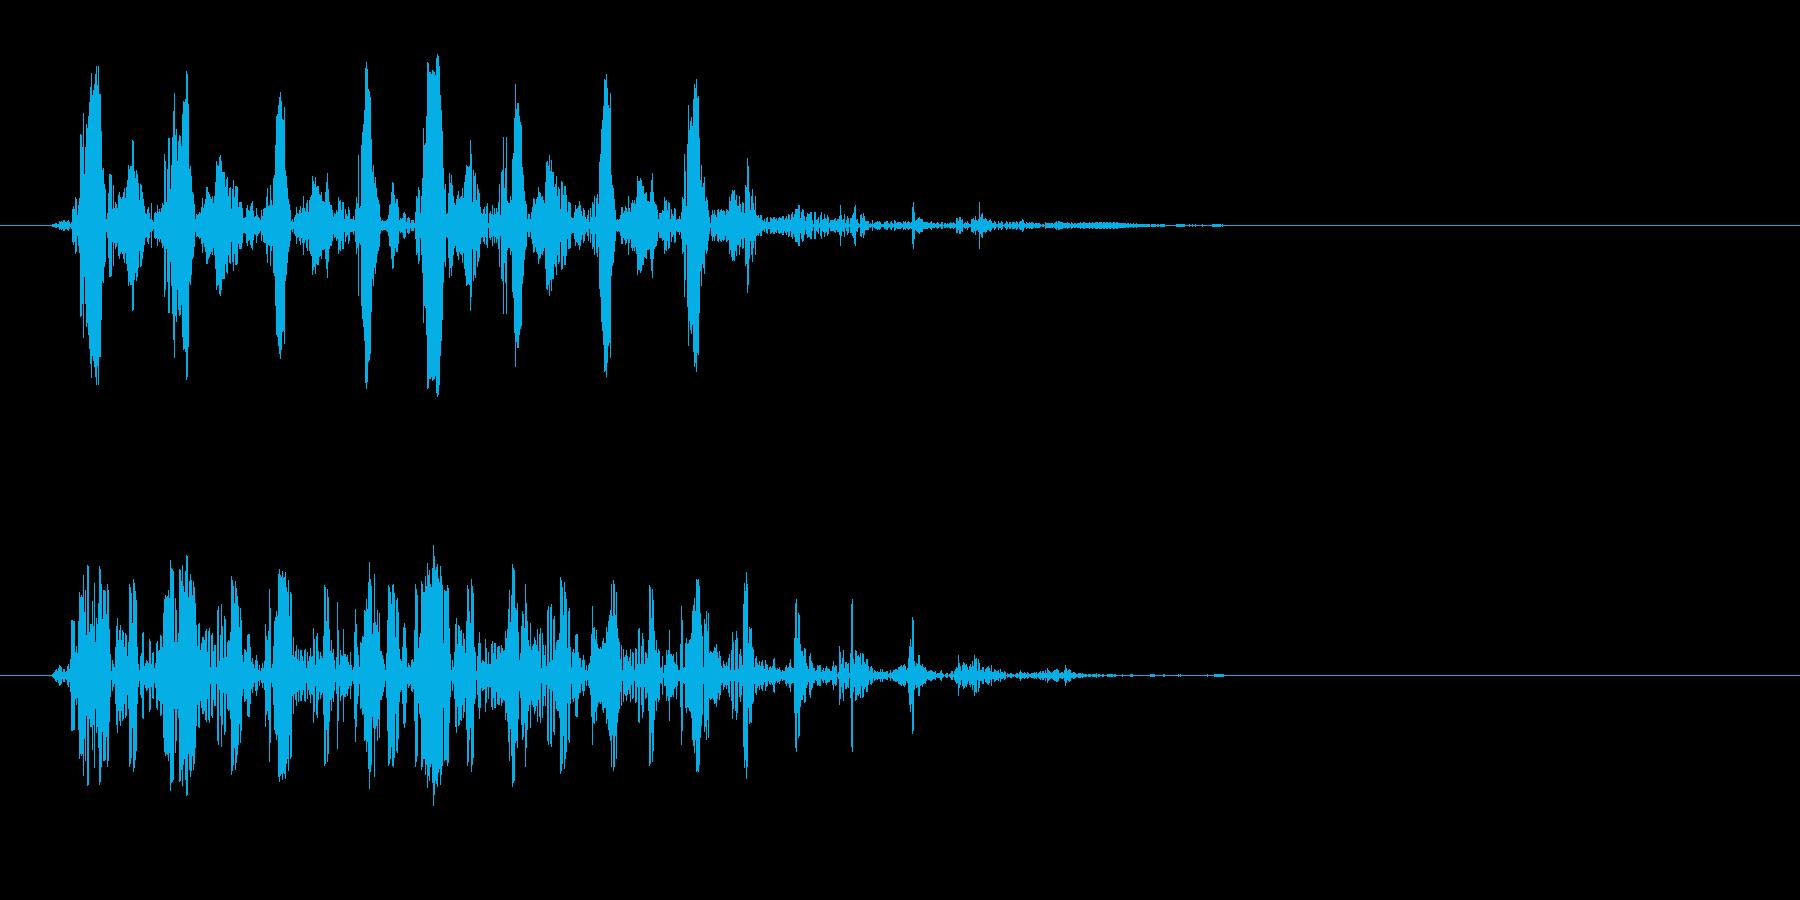 ガコ、ゲロ、バサッ(鳴き声や落下音)の再生済みの波形